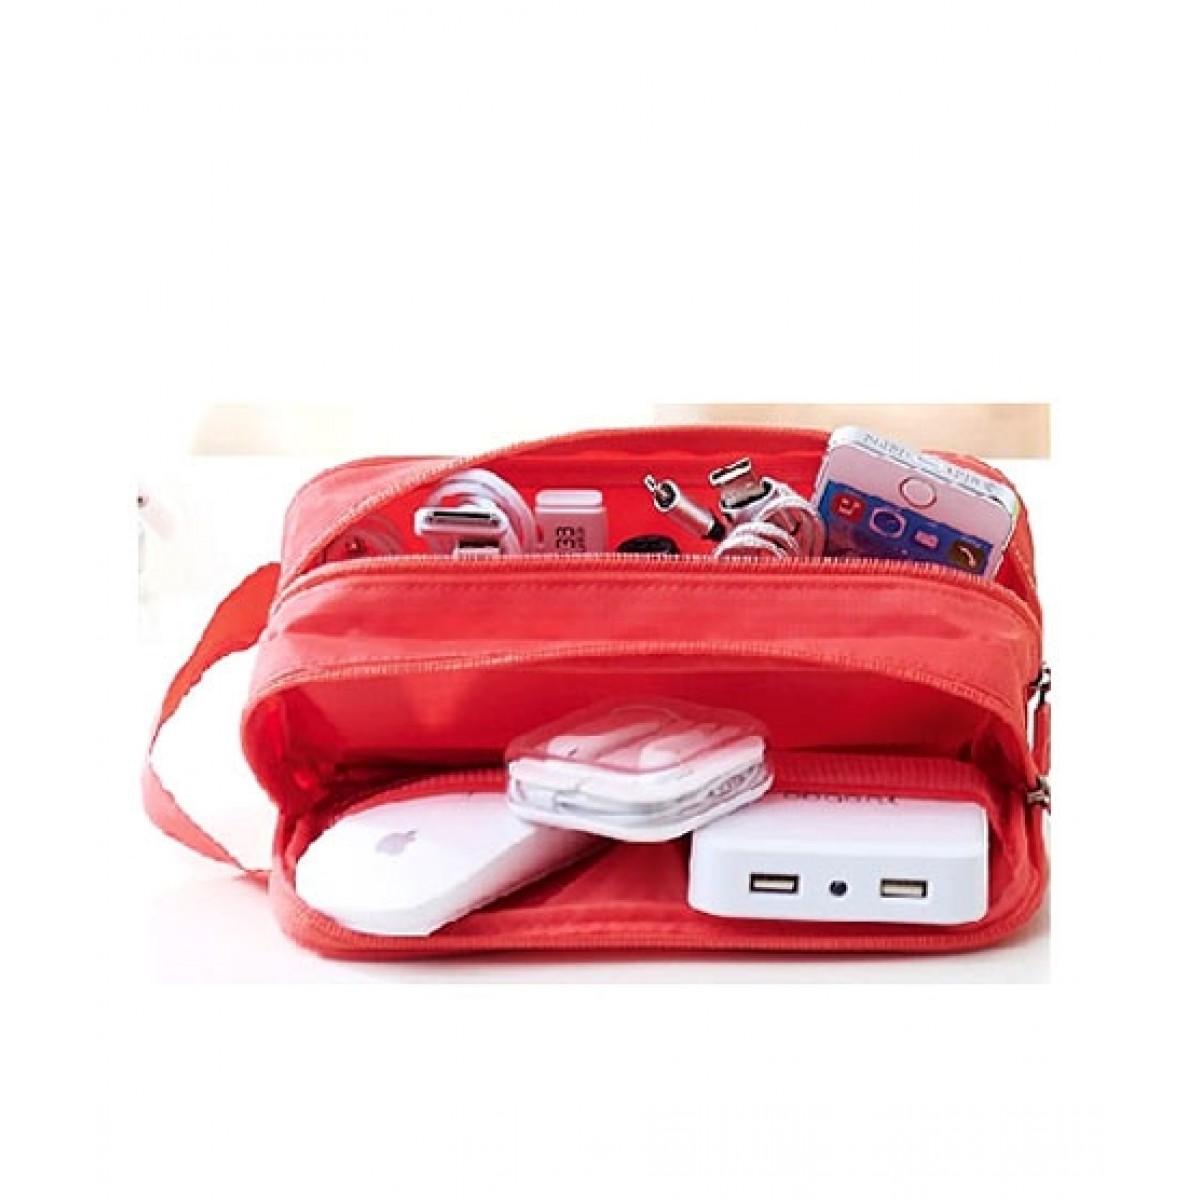 G-Mart Accessories Storage Bag Red (70964)